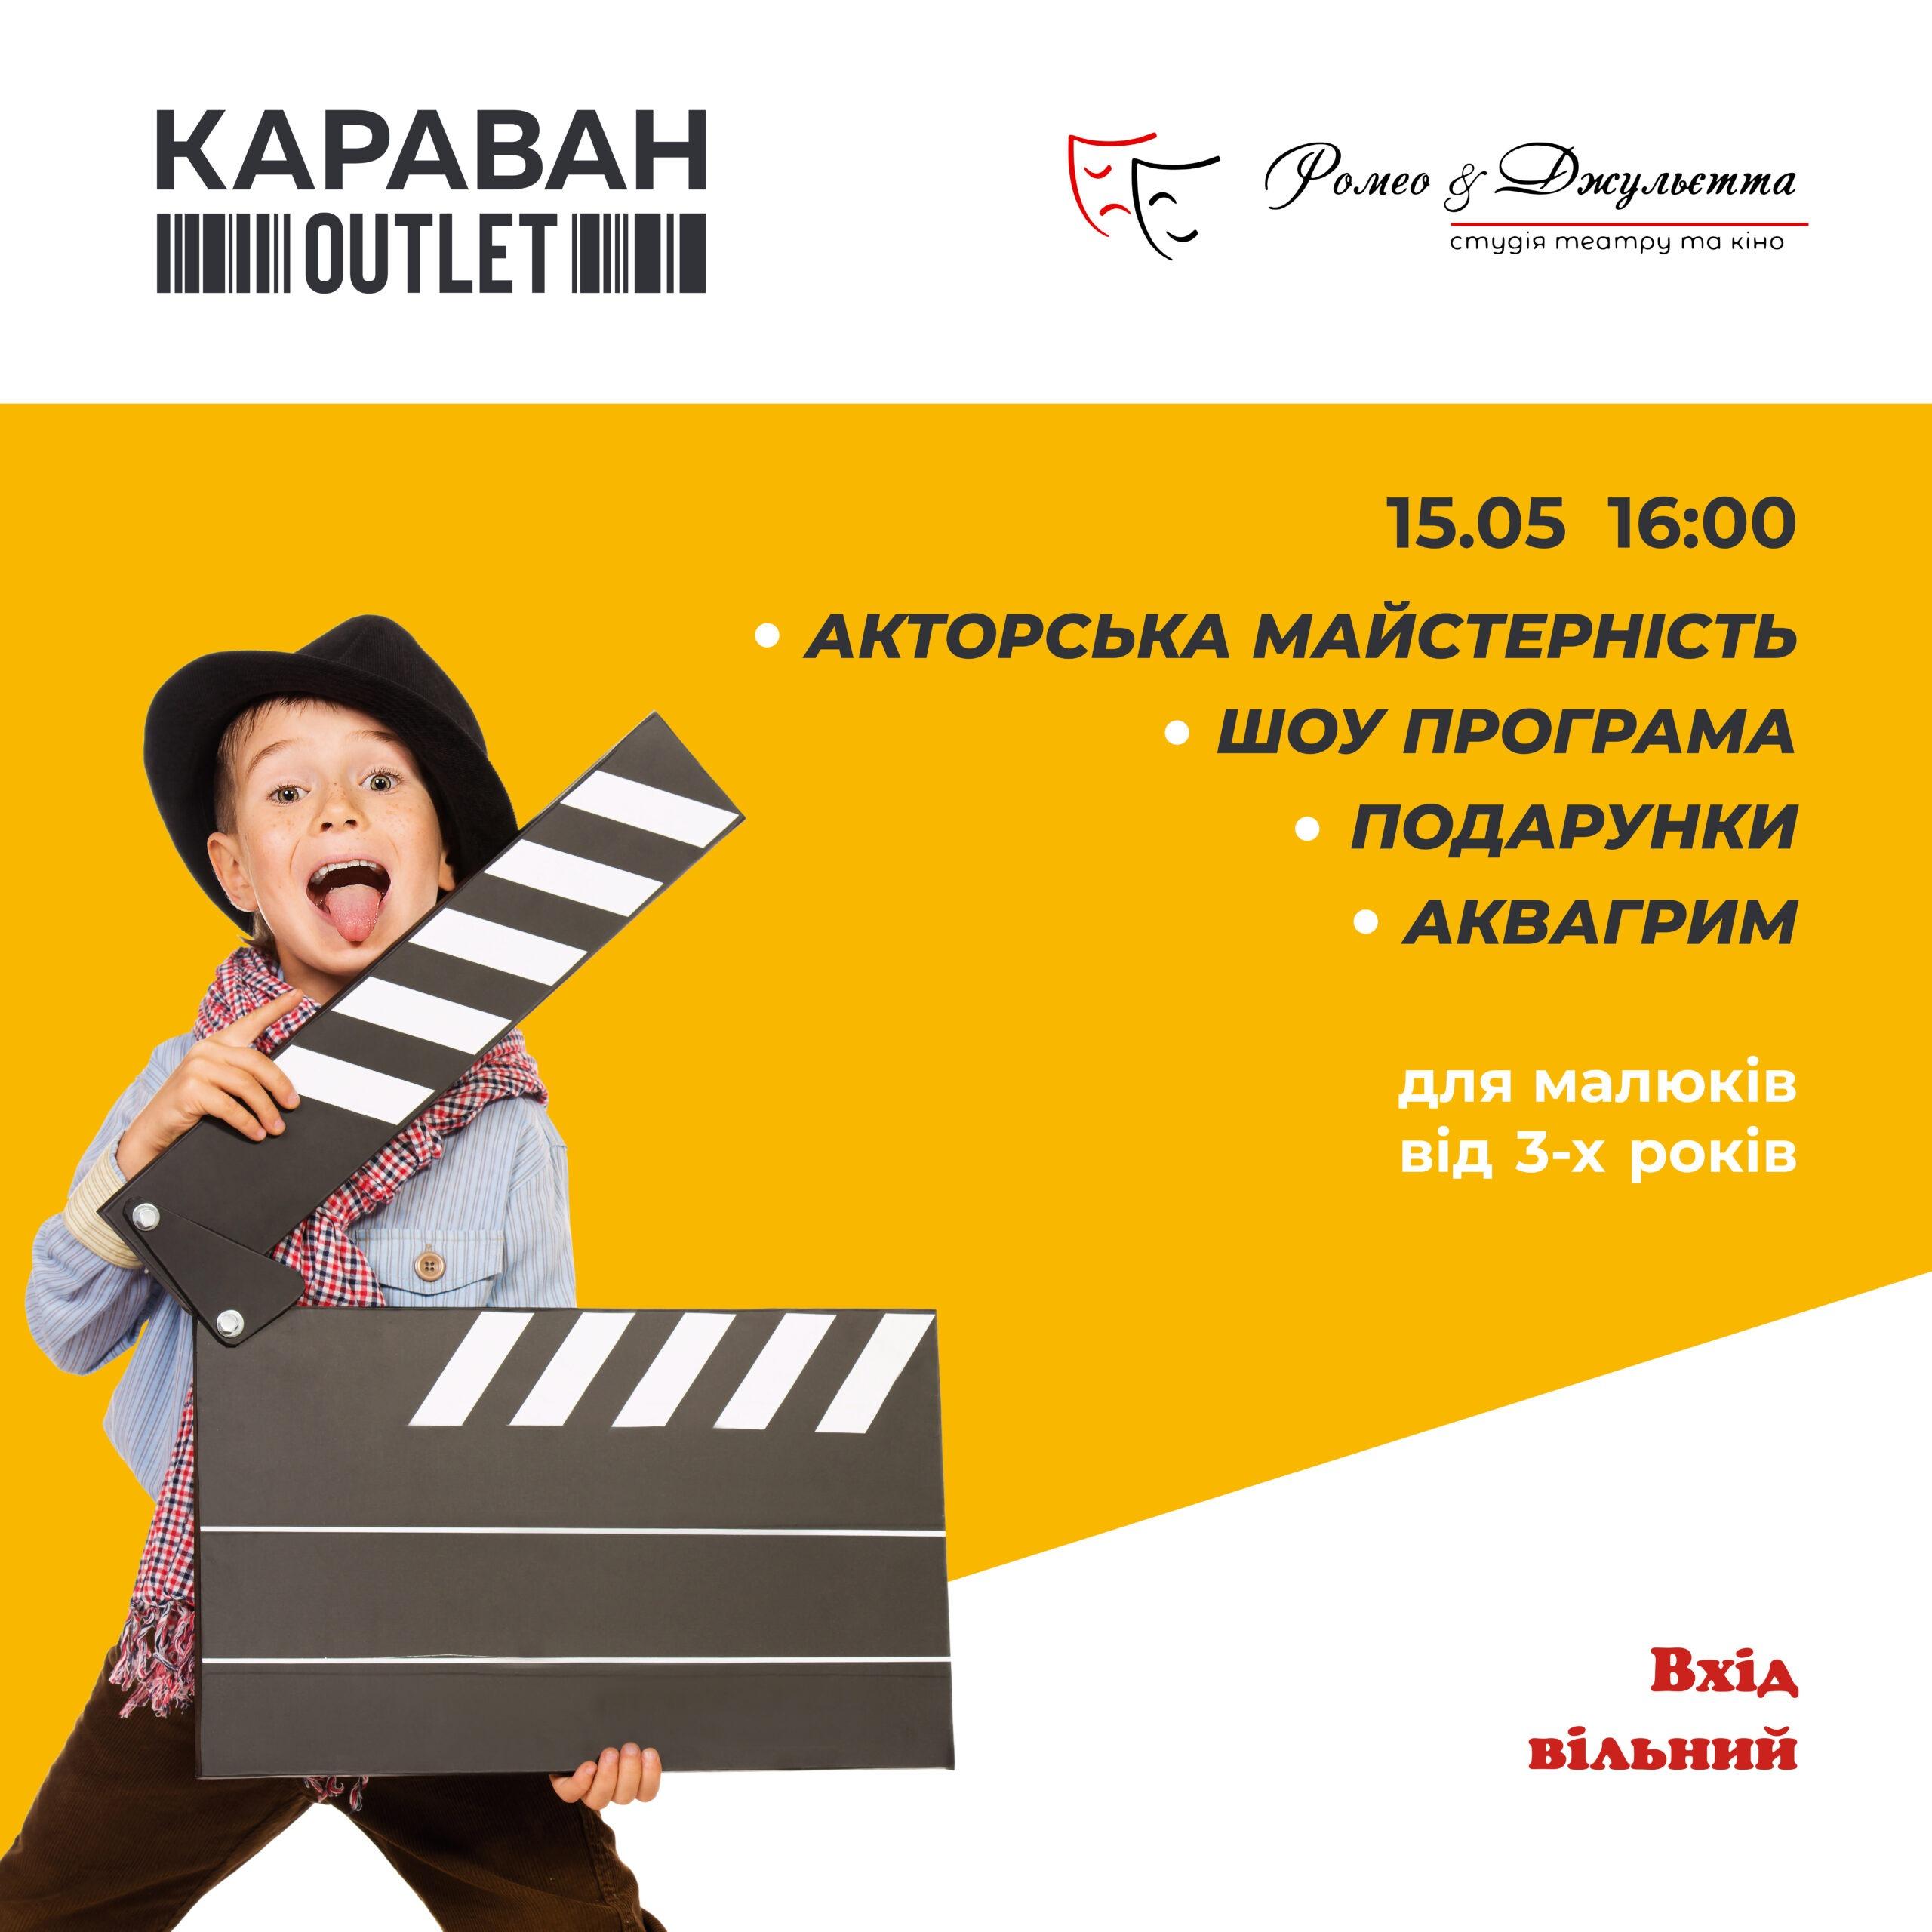 Мастер класс по актерскому мастерству - kiev.karavan.com.ua